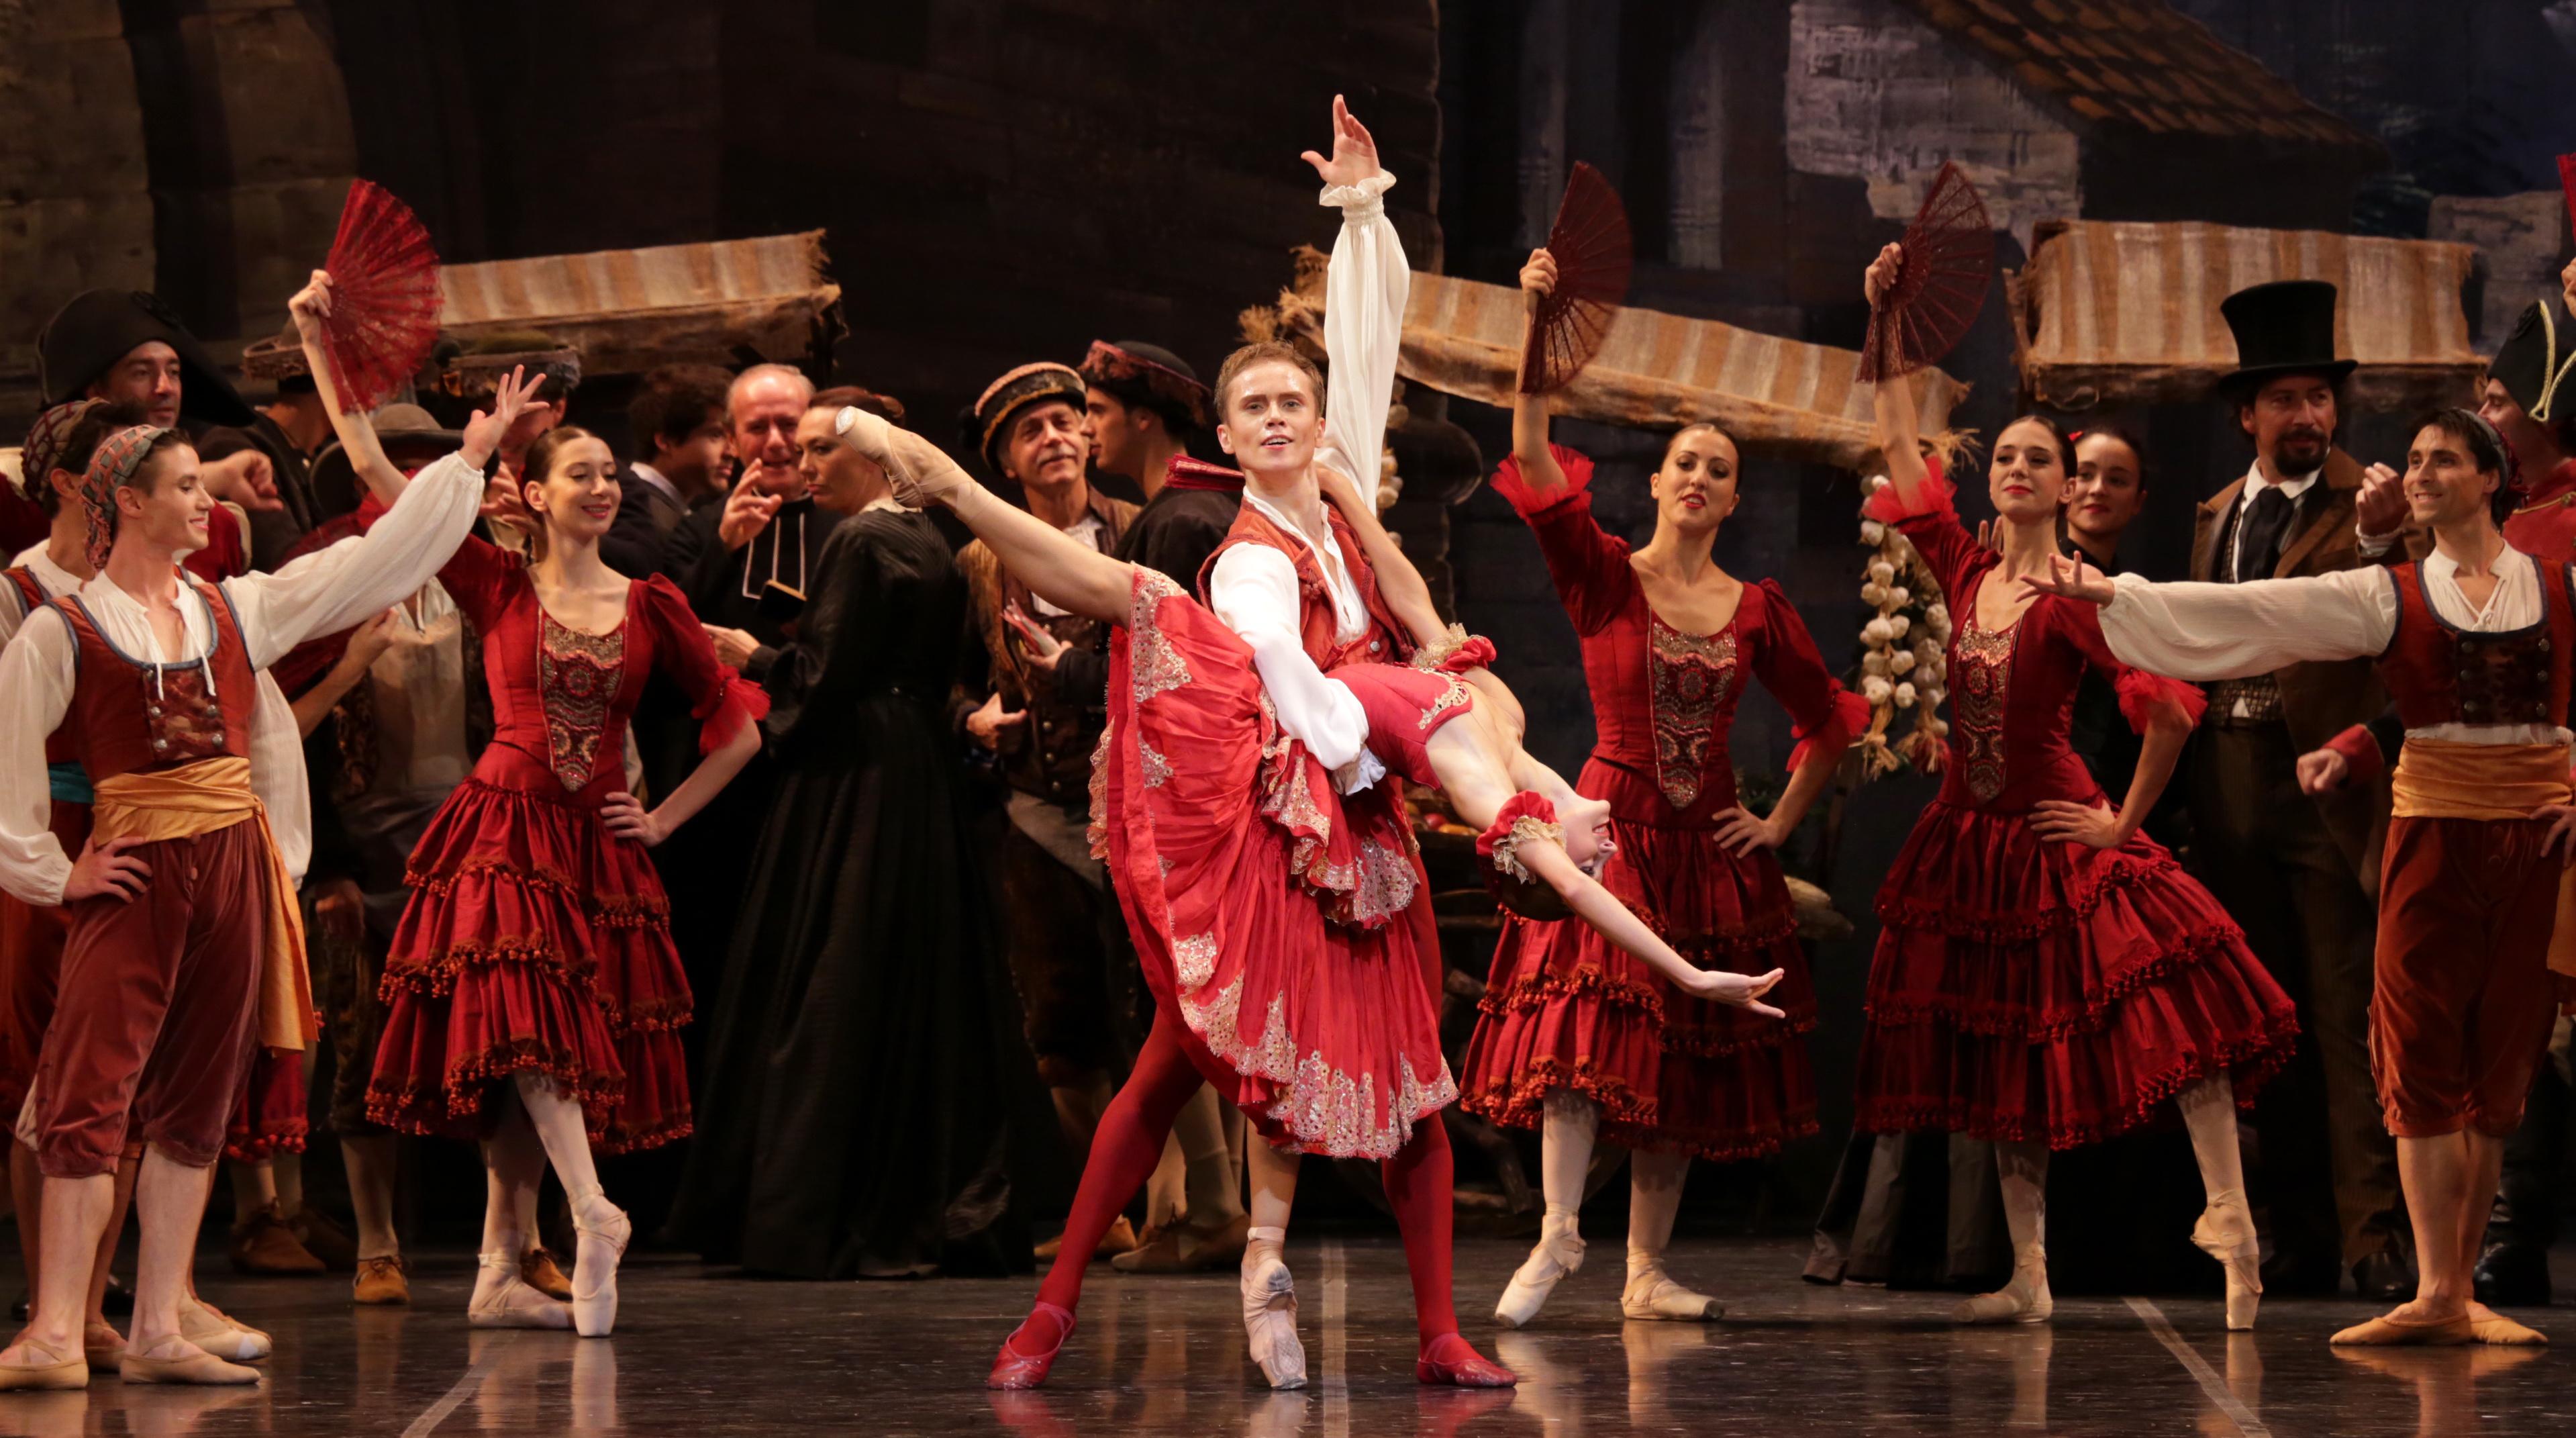 Don Chisciotte   Nicoletta Manni e Leonid Sarafanov   ph Brescia Amisano Teatro alla Scala 059 K65A9320 x NEWSLETTER